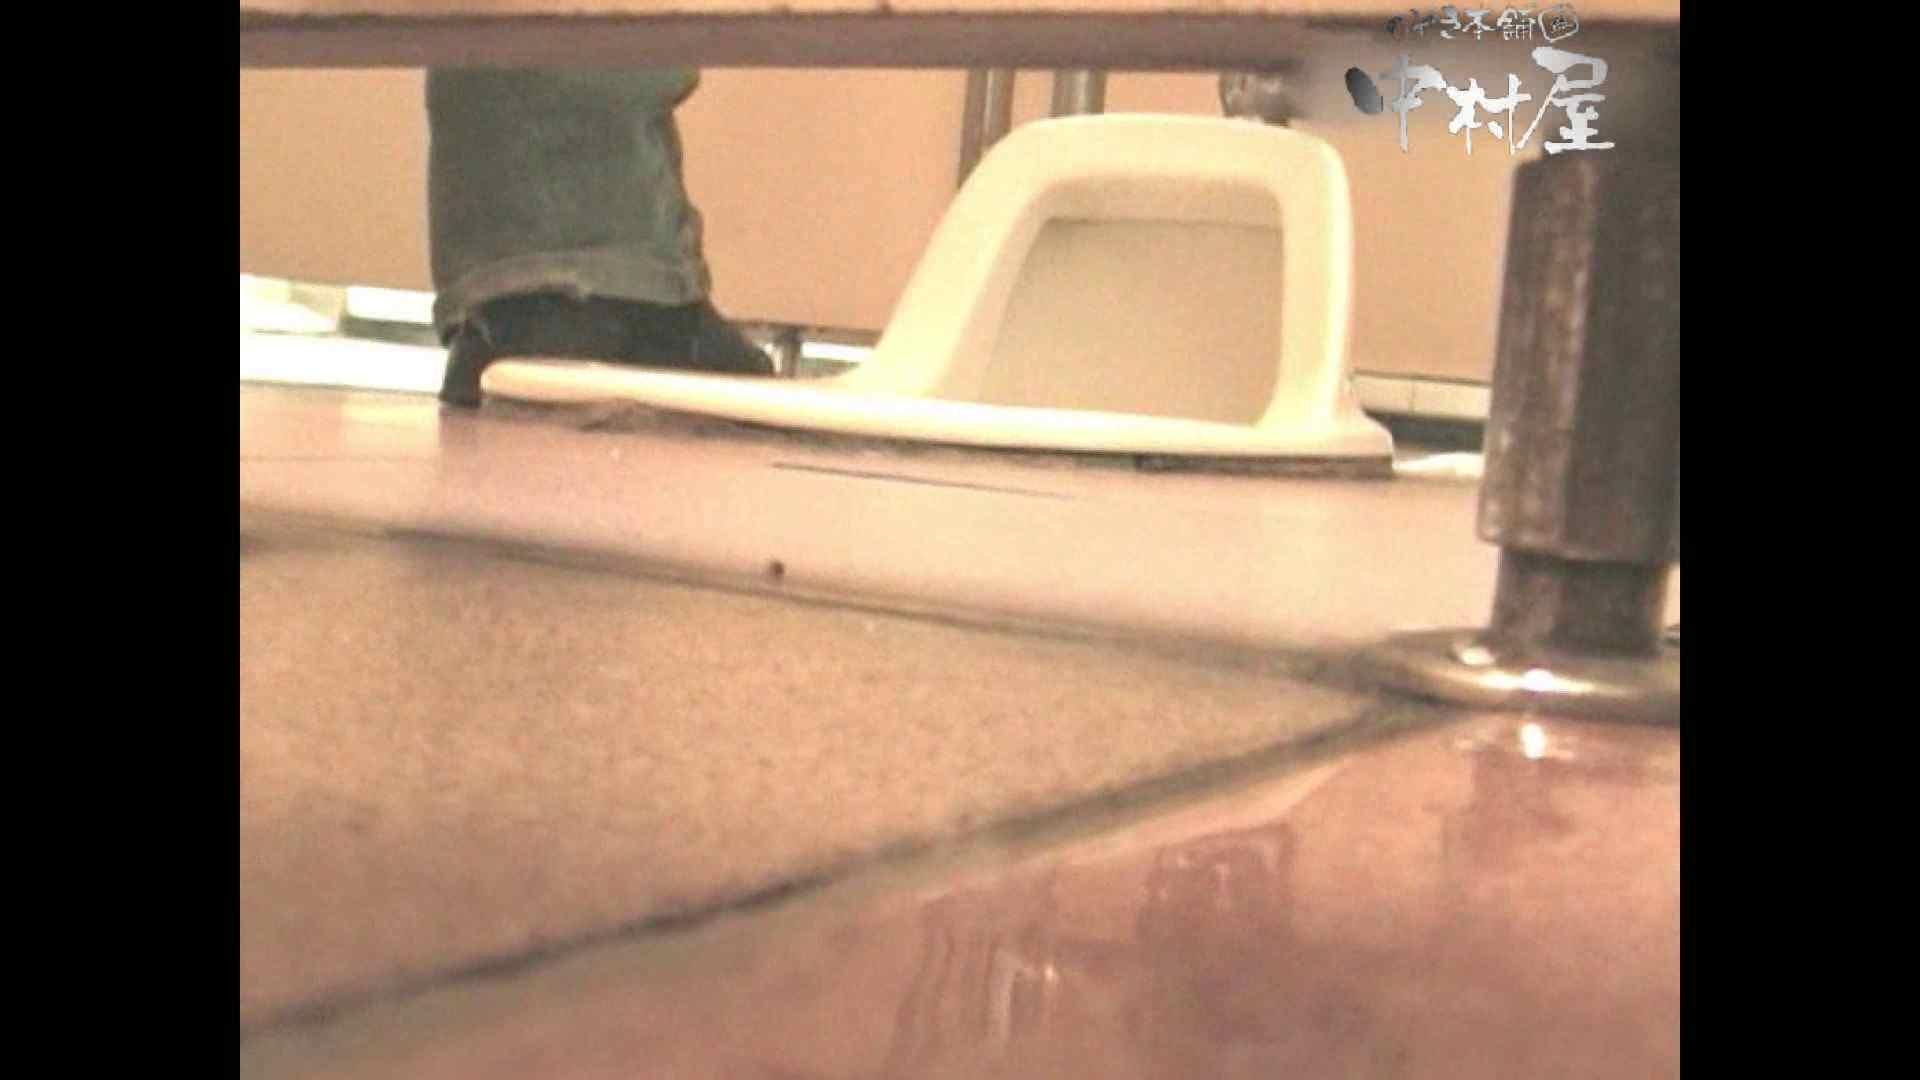 無修正エロ動画 岩手県在住盗撮師盗撮記録vol.07 のぞき本舗 中村屋